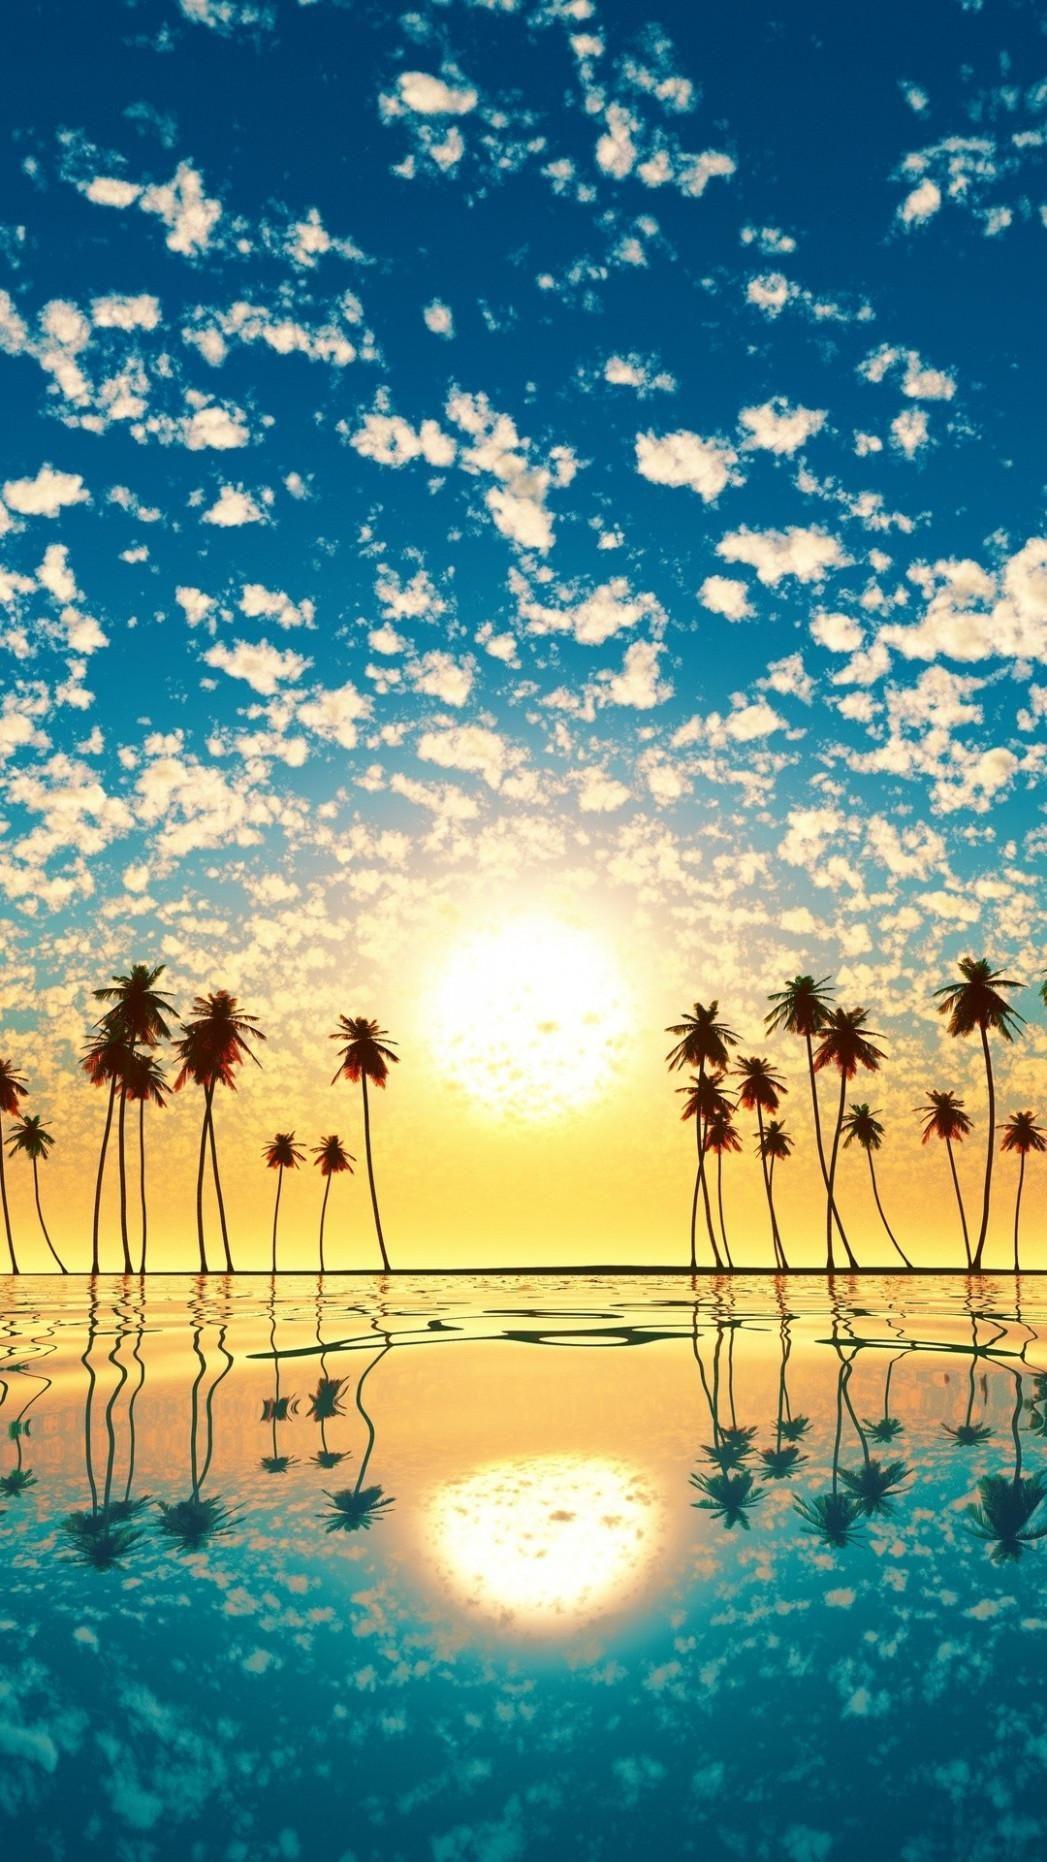 Fantastis 13 Foto Wallpaper Hp Samsung Keren Richa Wallpaper Di 2020 Fotografi Alam Langit Malam Foto Alam